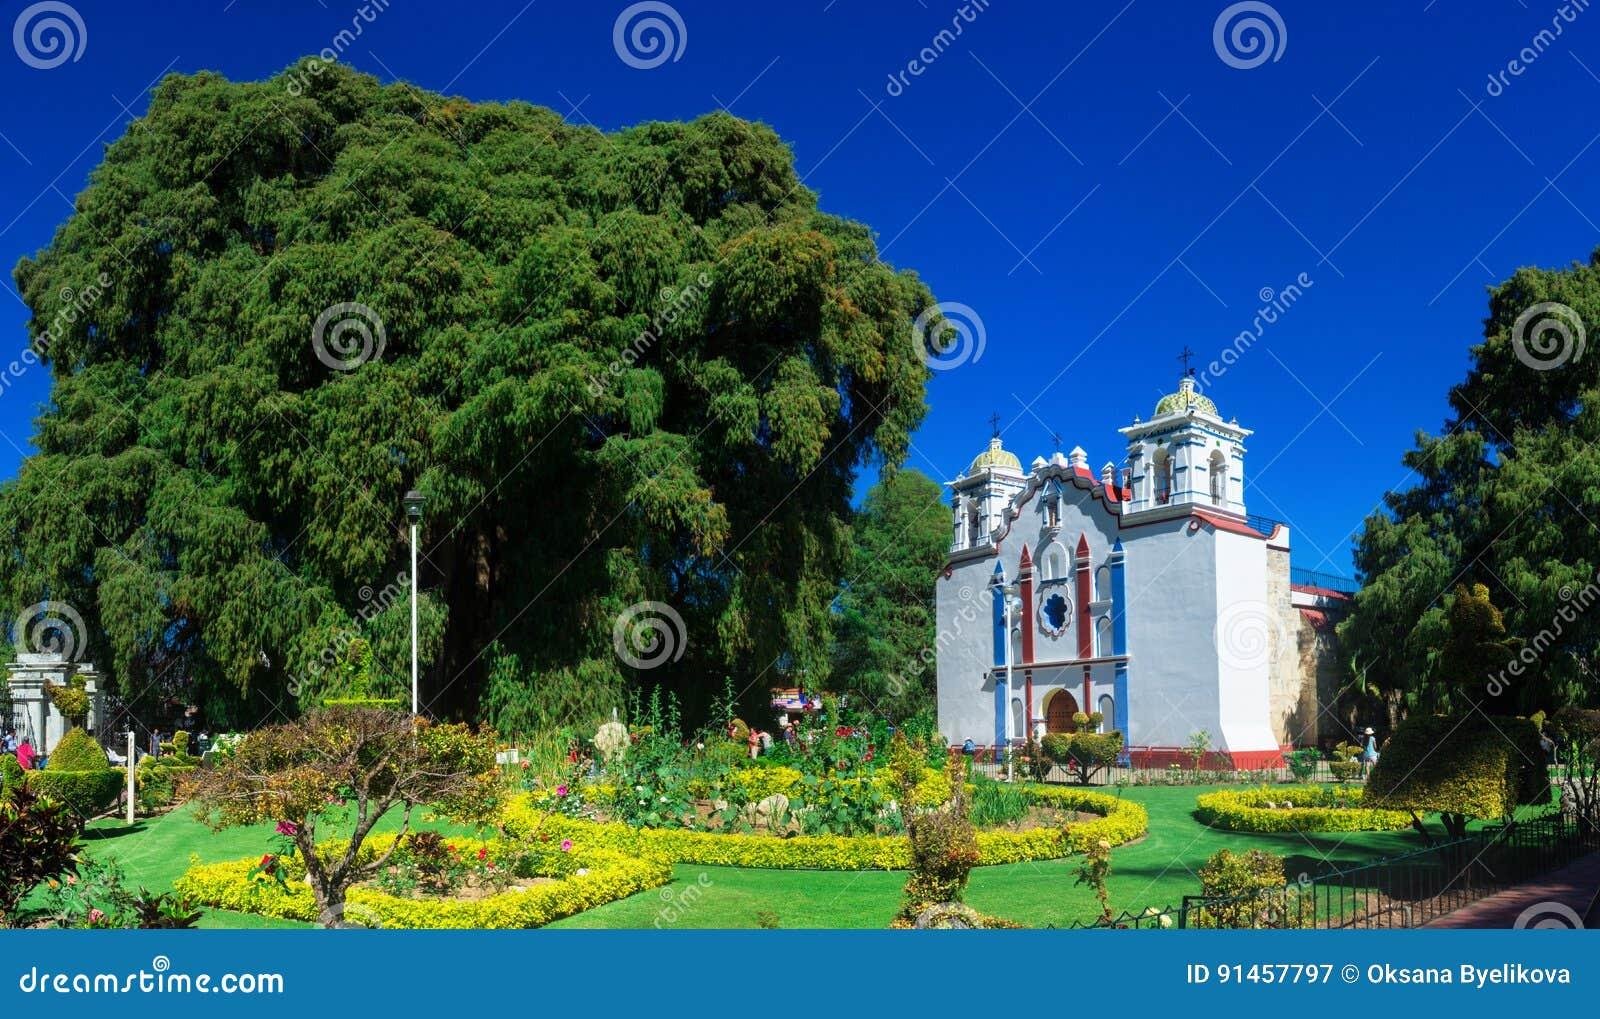 Arbol del Tule, árbol de ciprés de Montezuma en Tule Oaxaca, México